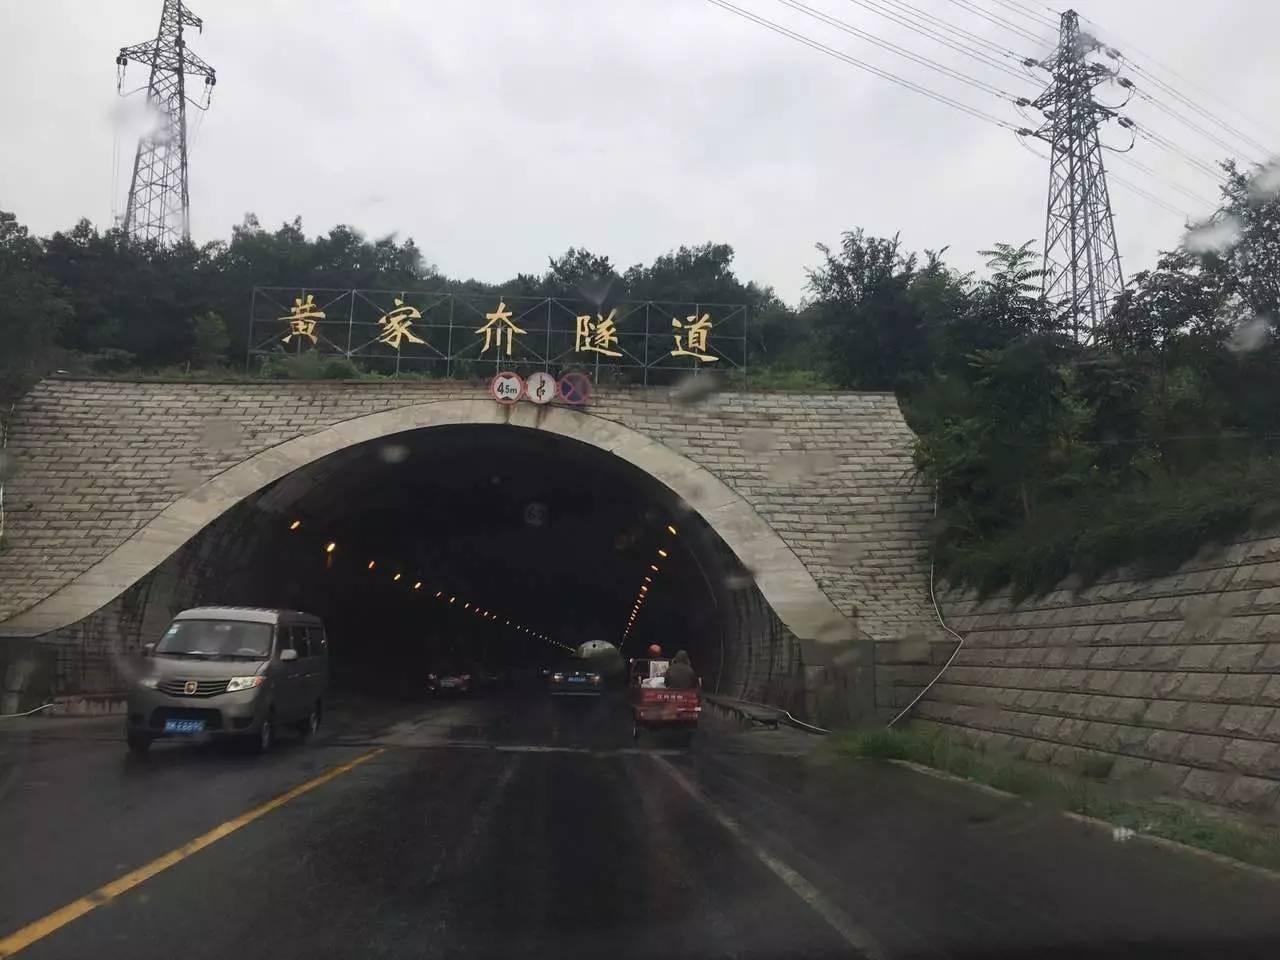 如果道路是三车道,隧道是两车道,就应该提前收窄.